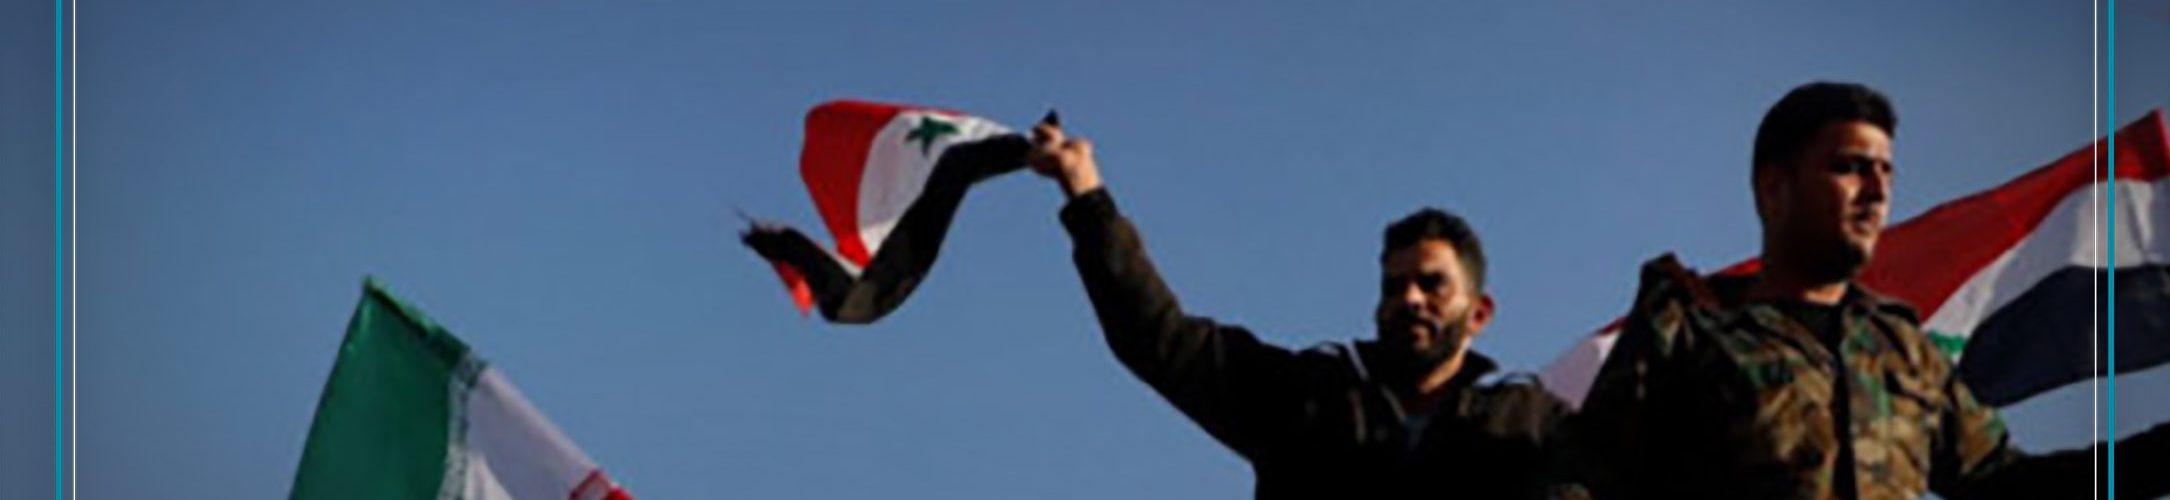 قوات الأسد الميليشيات الإيرانية إيران